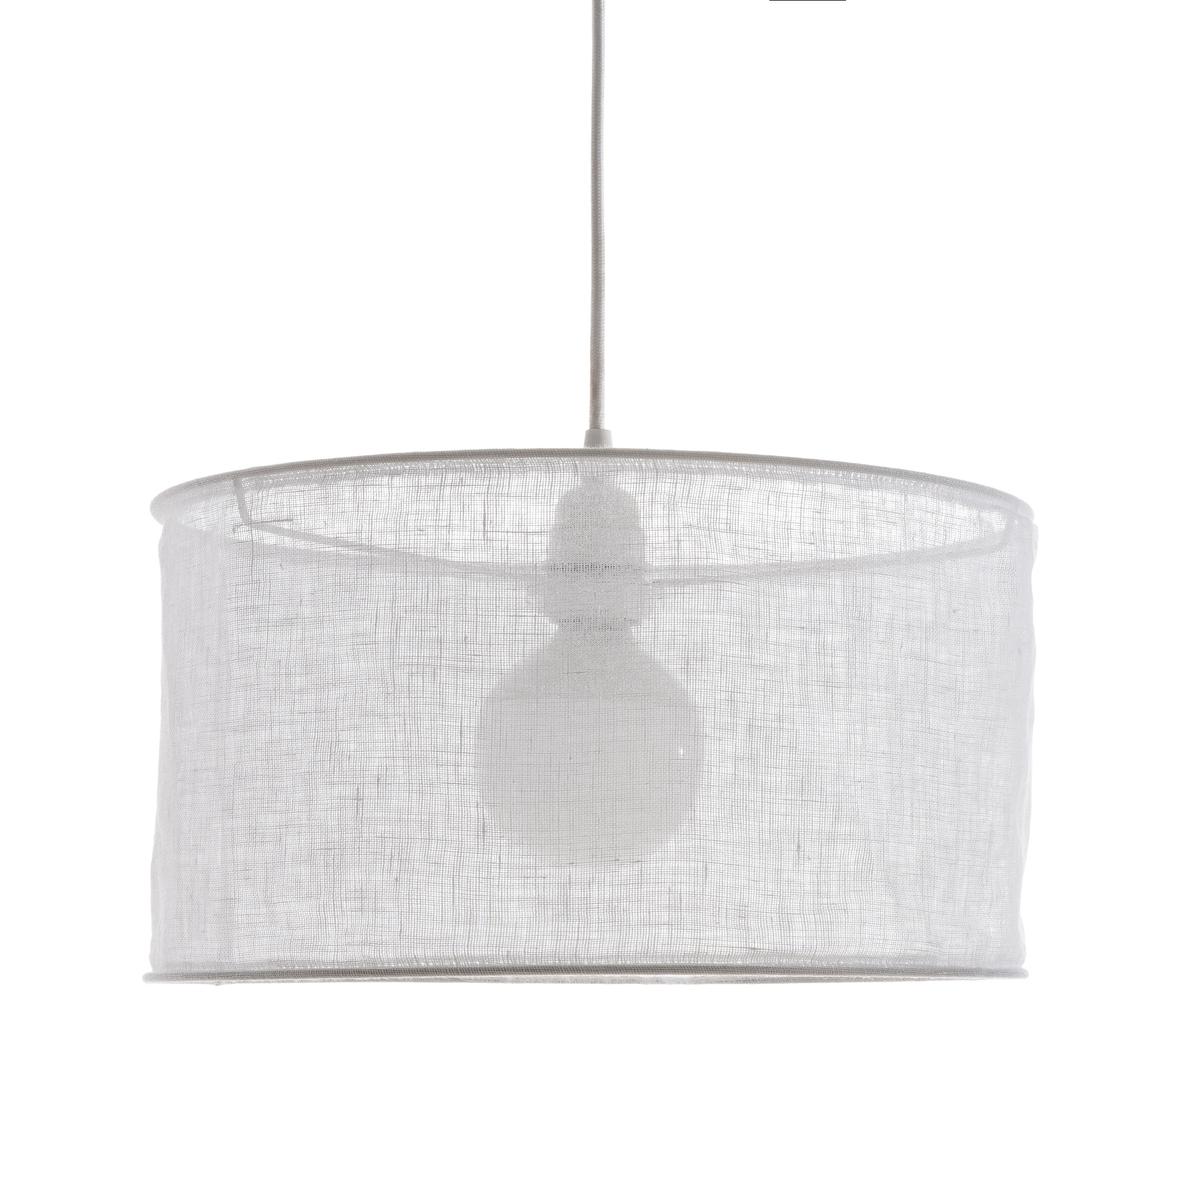 Светильник ?35 x H20 см, HolorimeСветильник Holorime. Светильник стильной цилиндрической формы из льняной вуали для создания приглушенного света. Из 100% льняной вуали. Для патрона E27. Сочетается с электрическим кабелем Sevigni, продающимся на нашем сайте . Размеры : ?35 x H20 см .<br><br>Цвет: белый,серо-бежевый